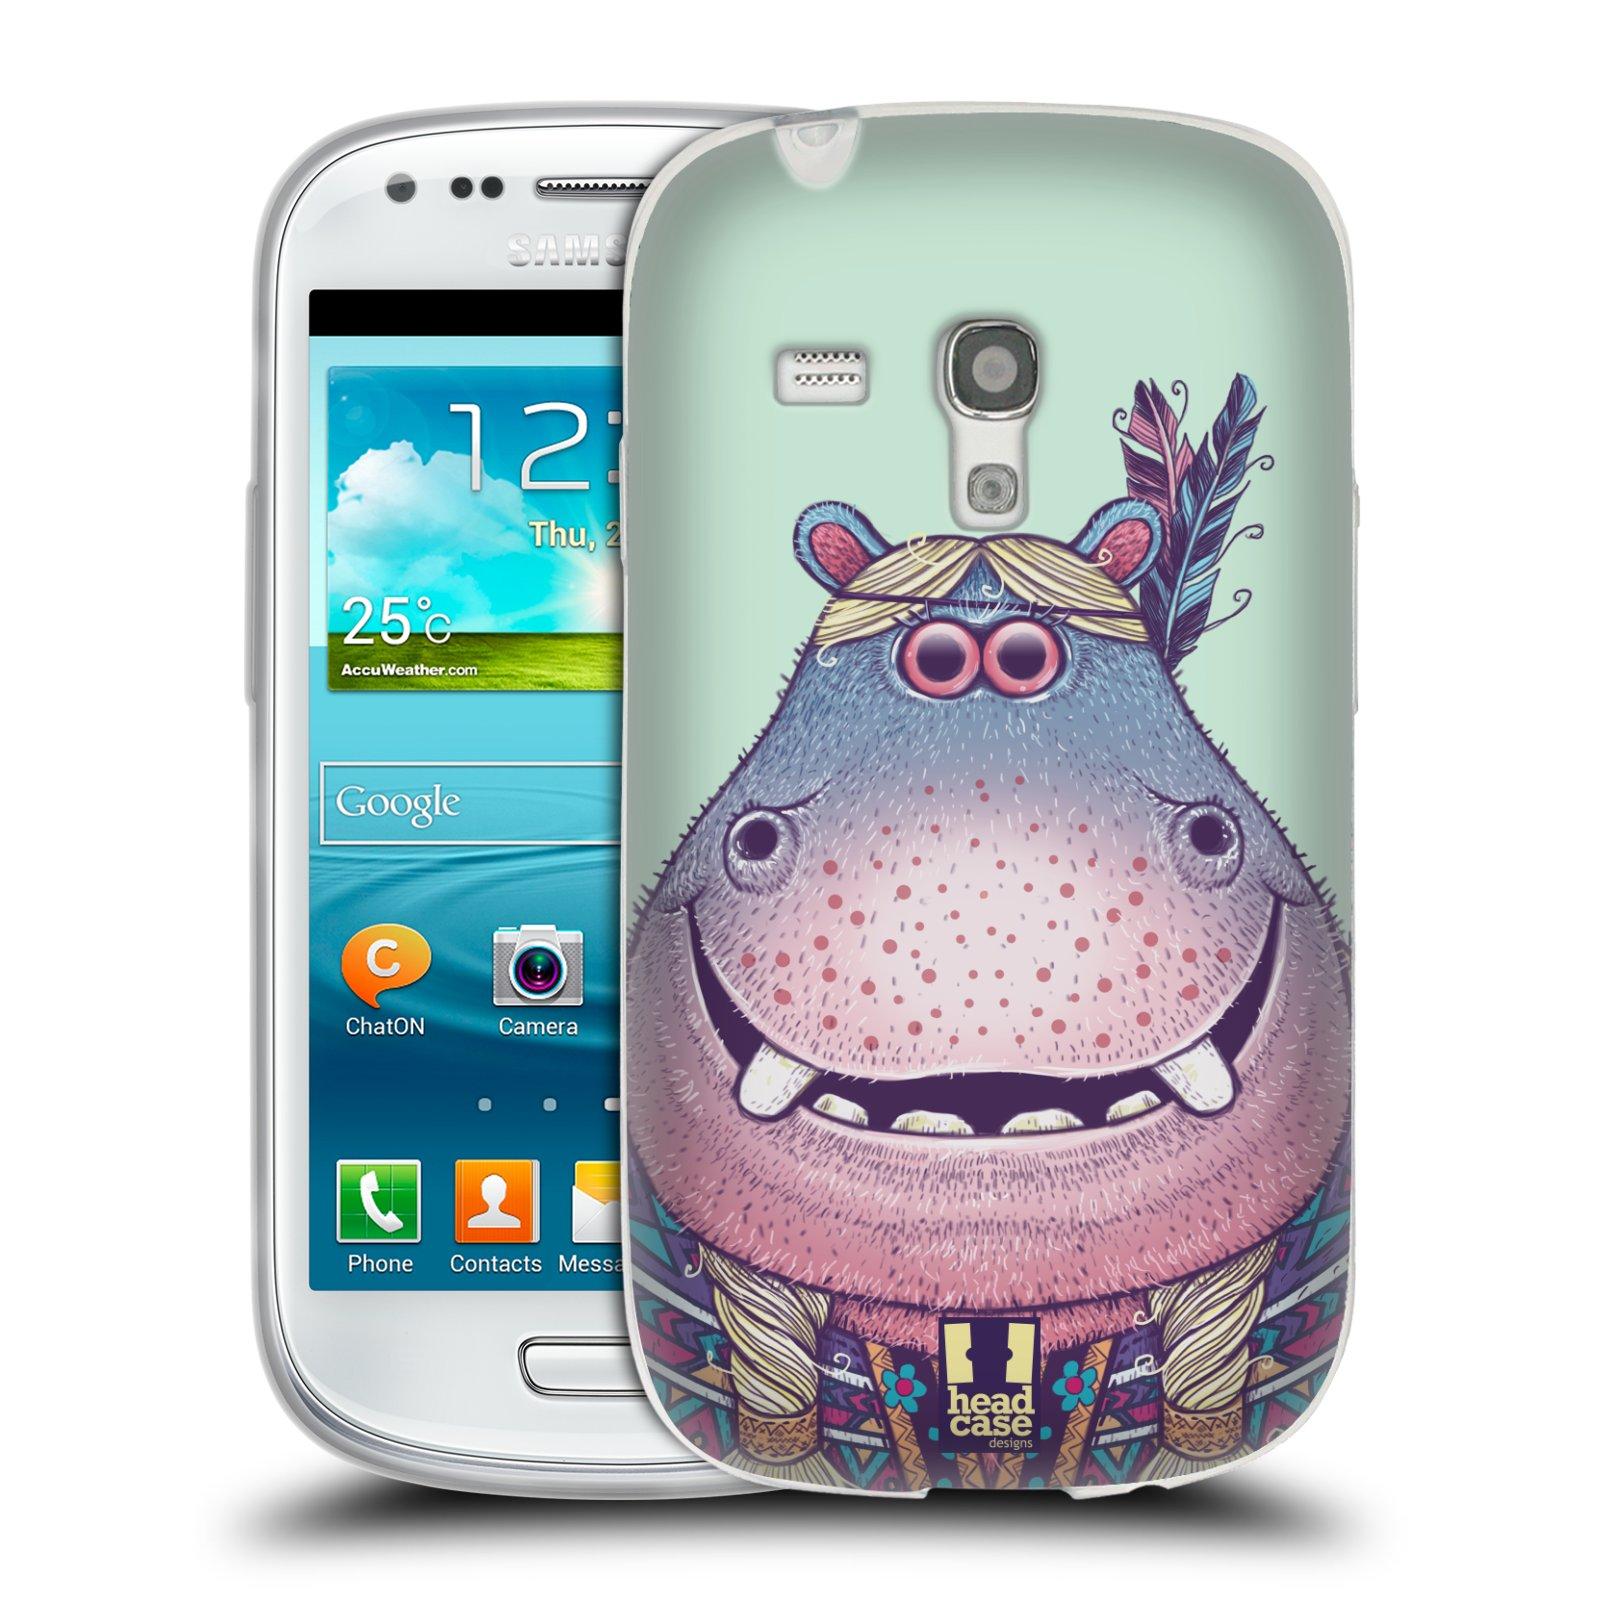 HEAD CASE silikonový obal na mobil Samsung Galaxy S3 MINI i8190 vzor Kreslená zvířátka hroch